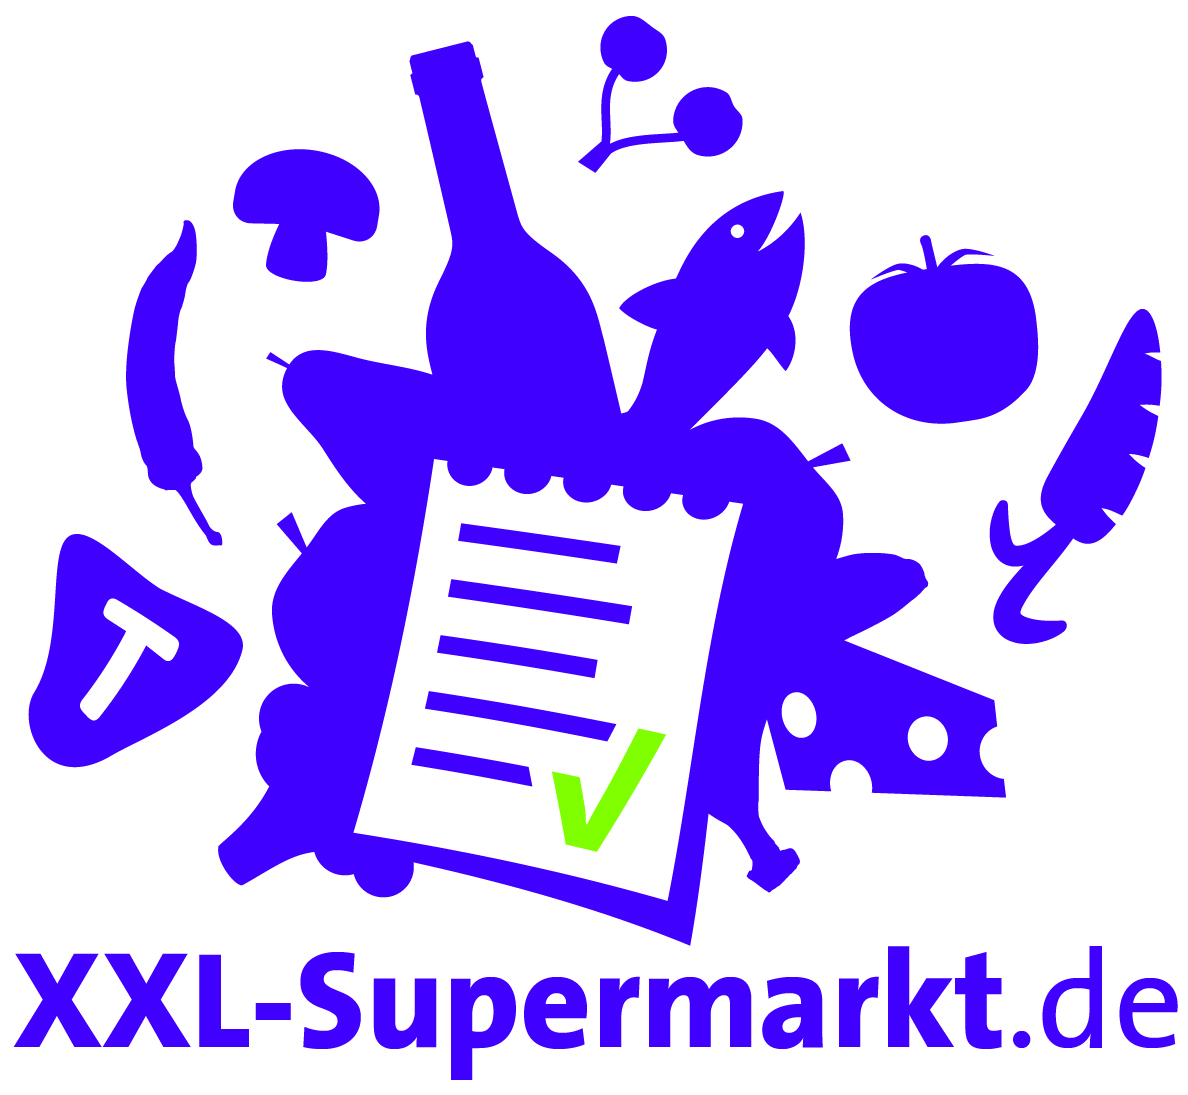 XXL-Supermarkt